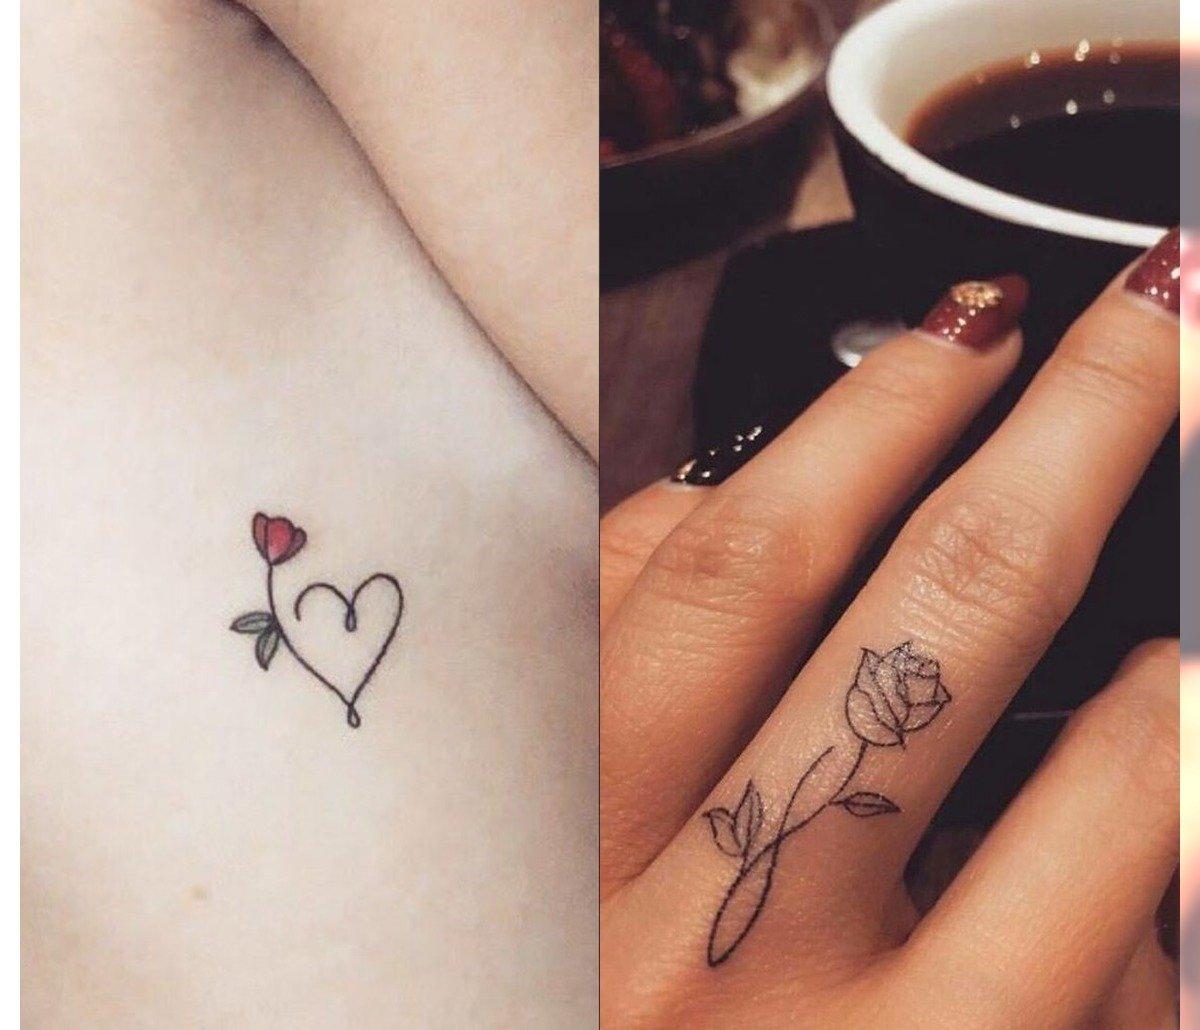 Małe tatuaże - 22 modne wzory nie tylko dla kobiet [GALERIA 2020]